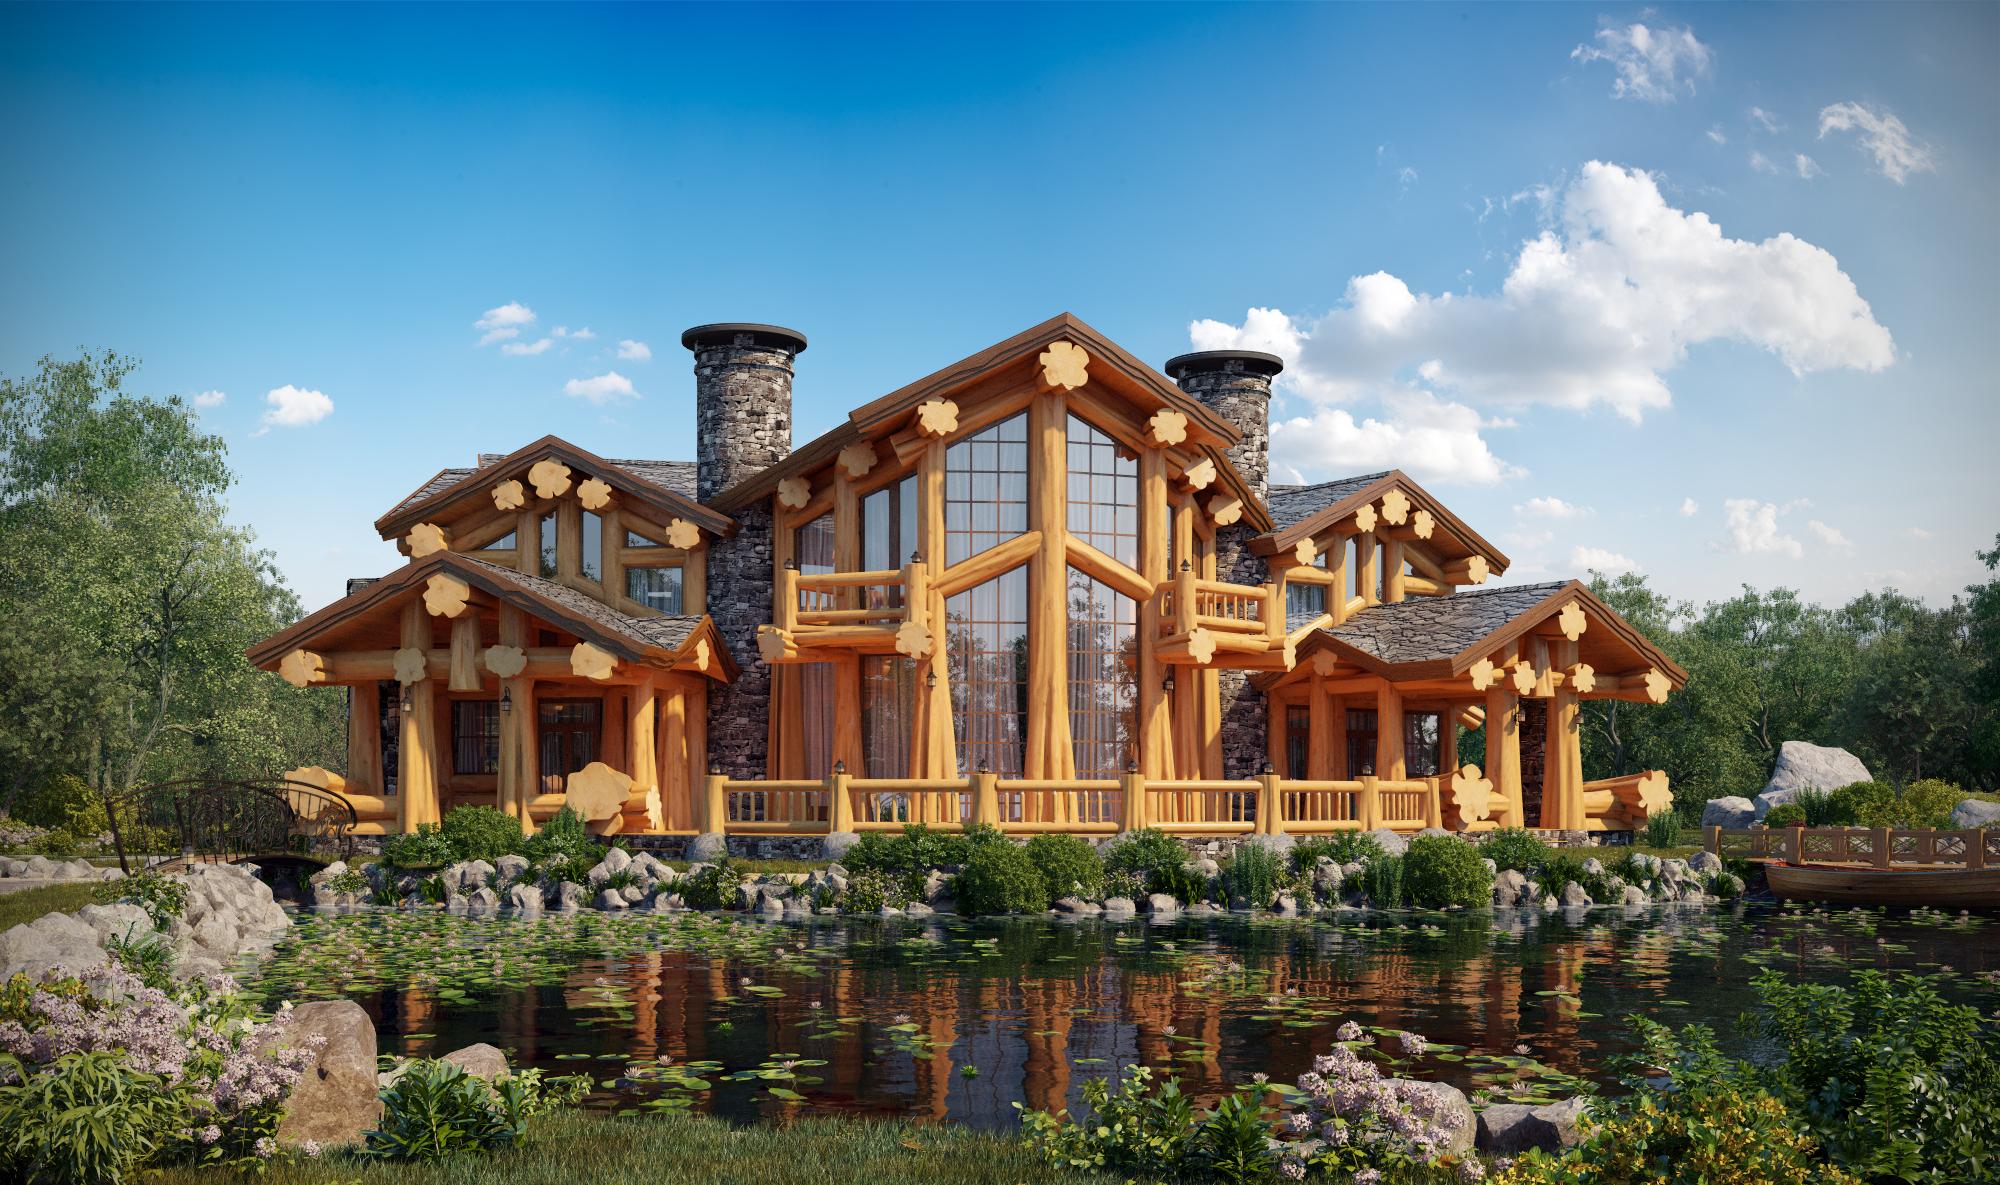 красивые деревянные дома фотогалерея зулусы нападали эдинбург